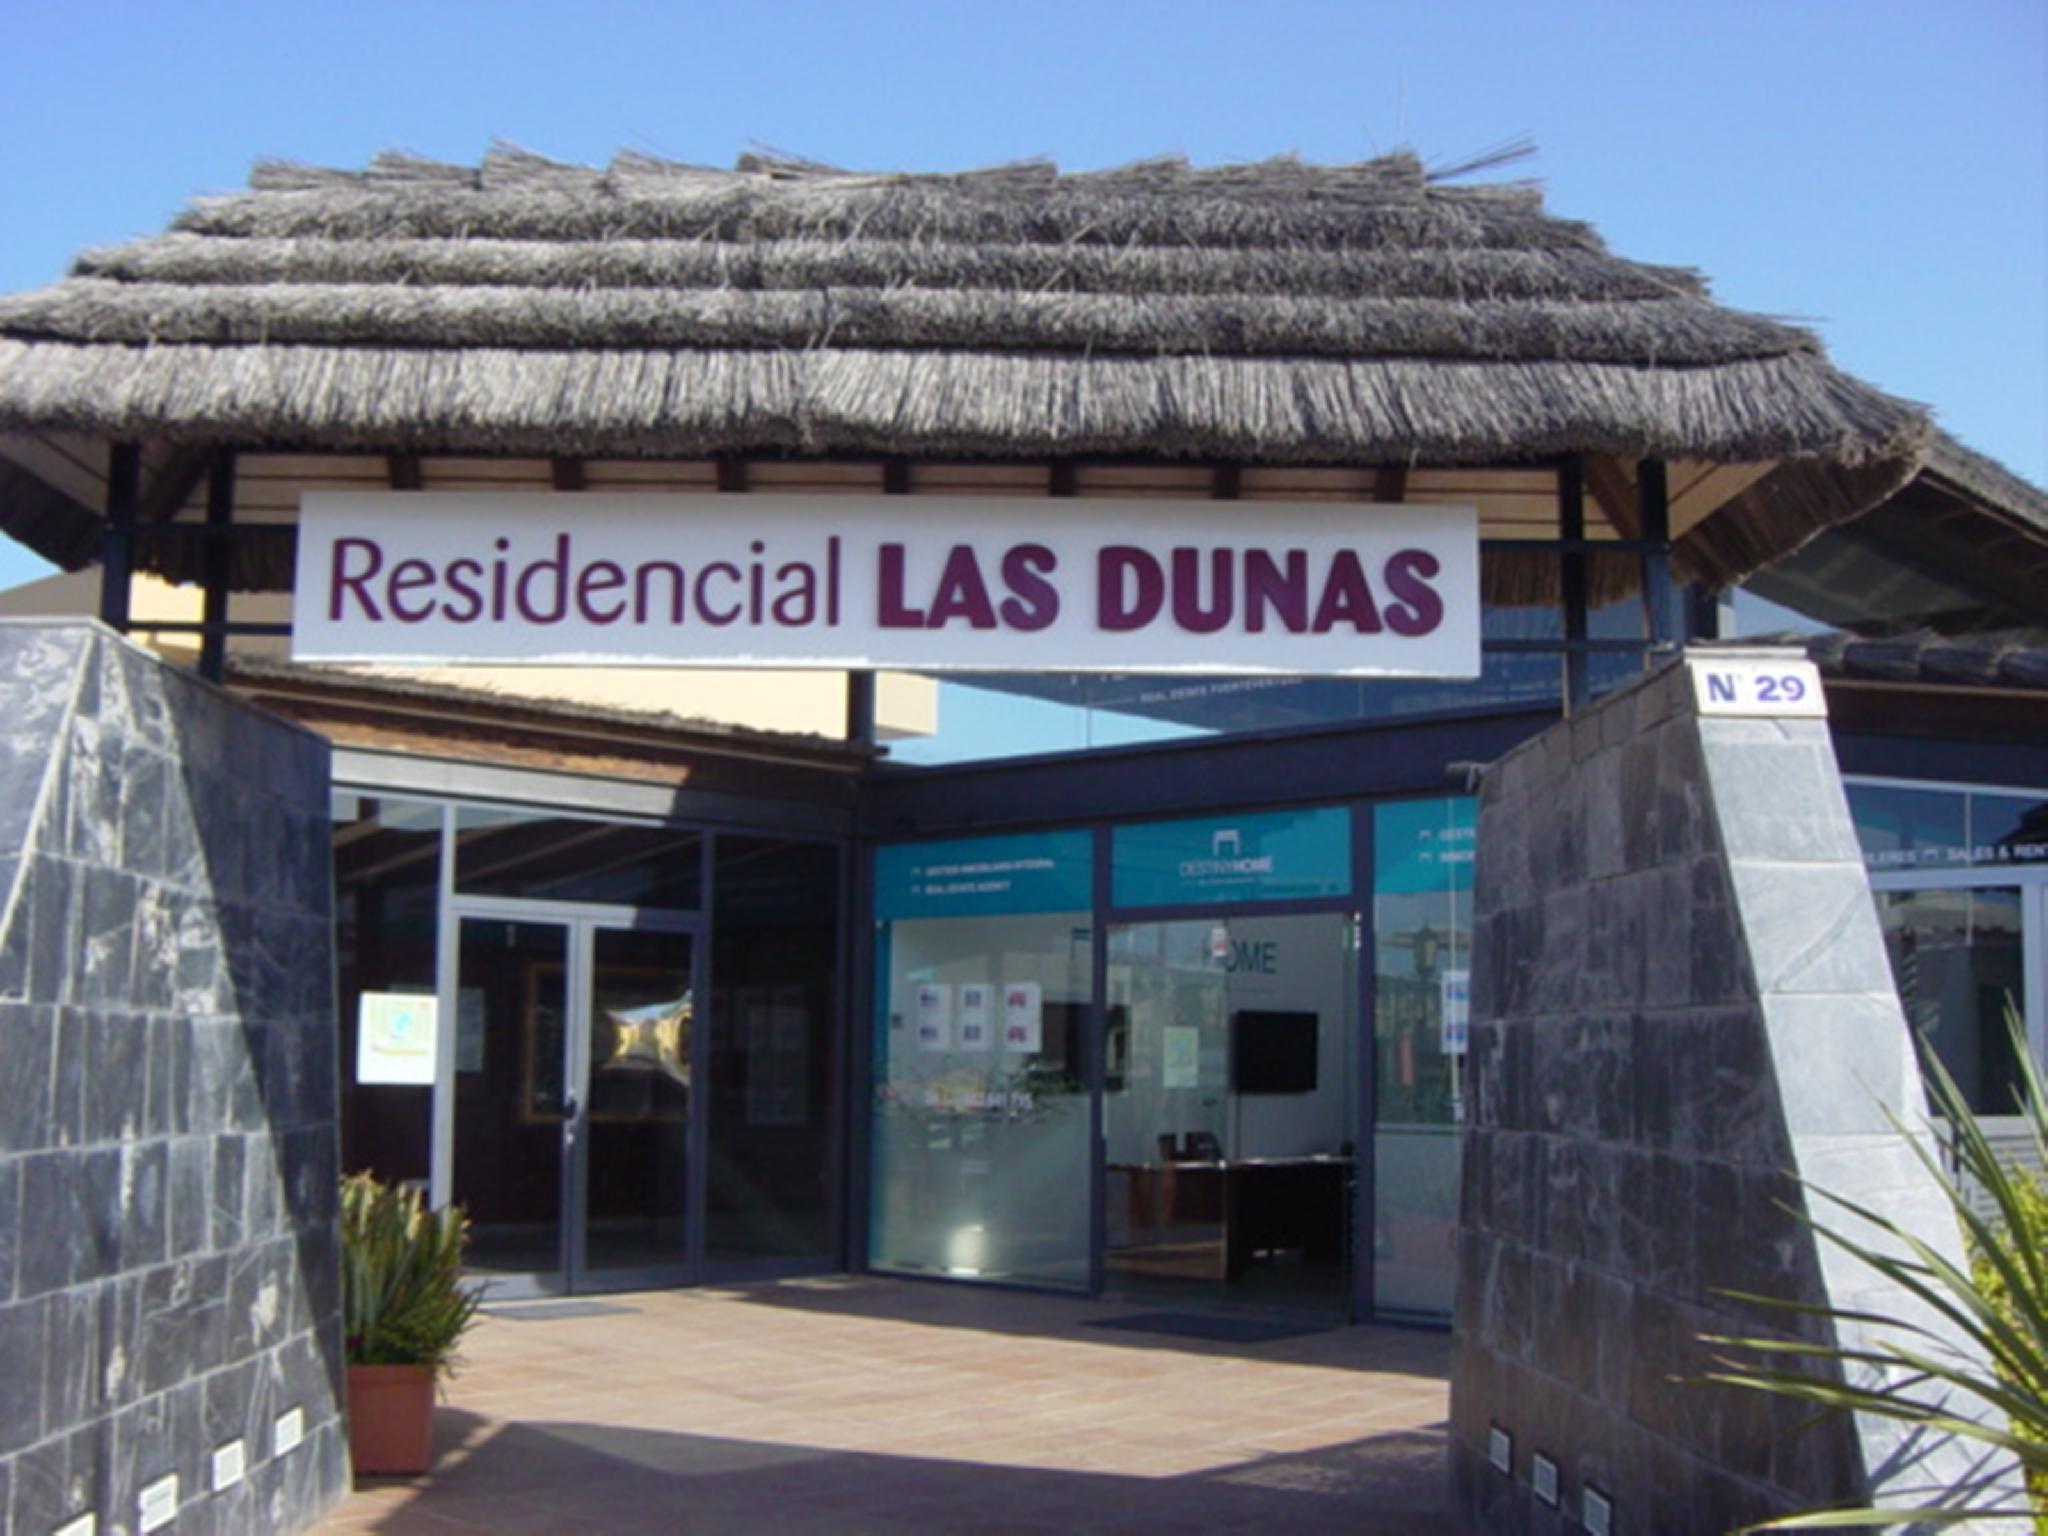 Apt El Mirador  Residencial Las Dunas